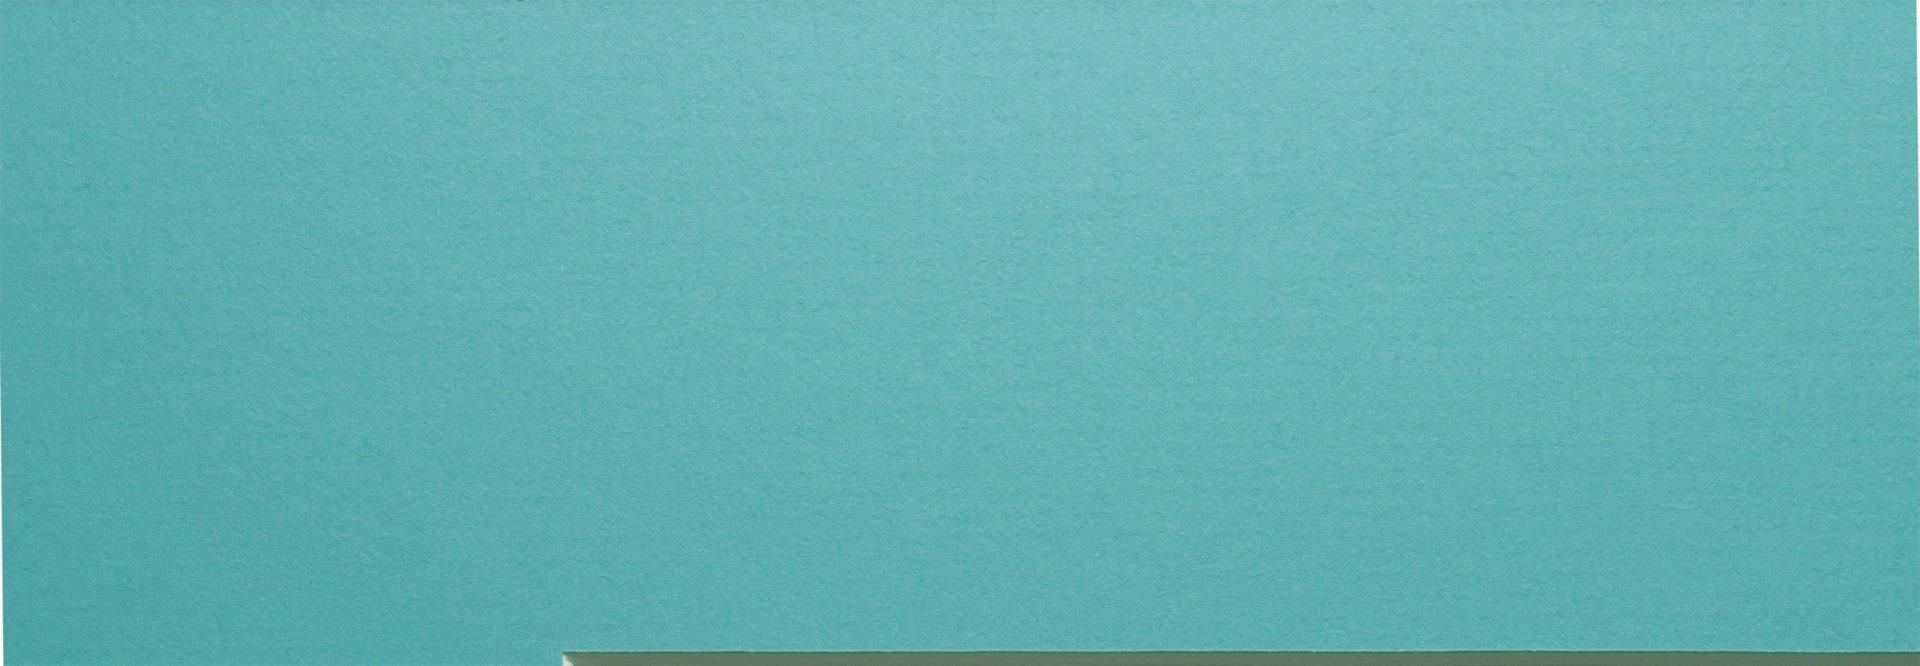 SRM1080 Bimini Blue